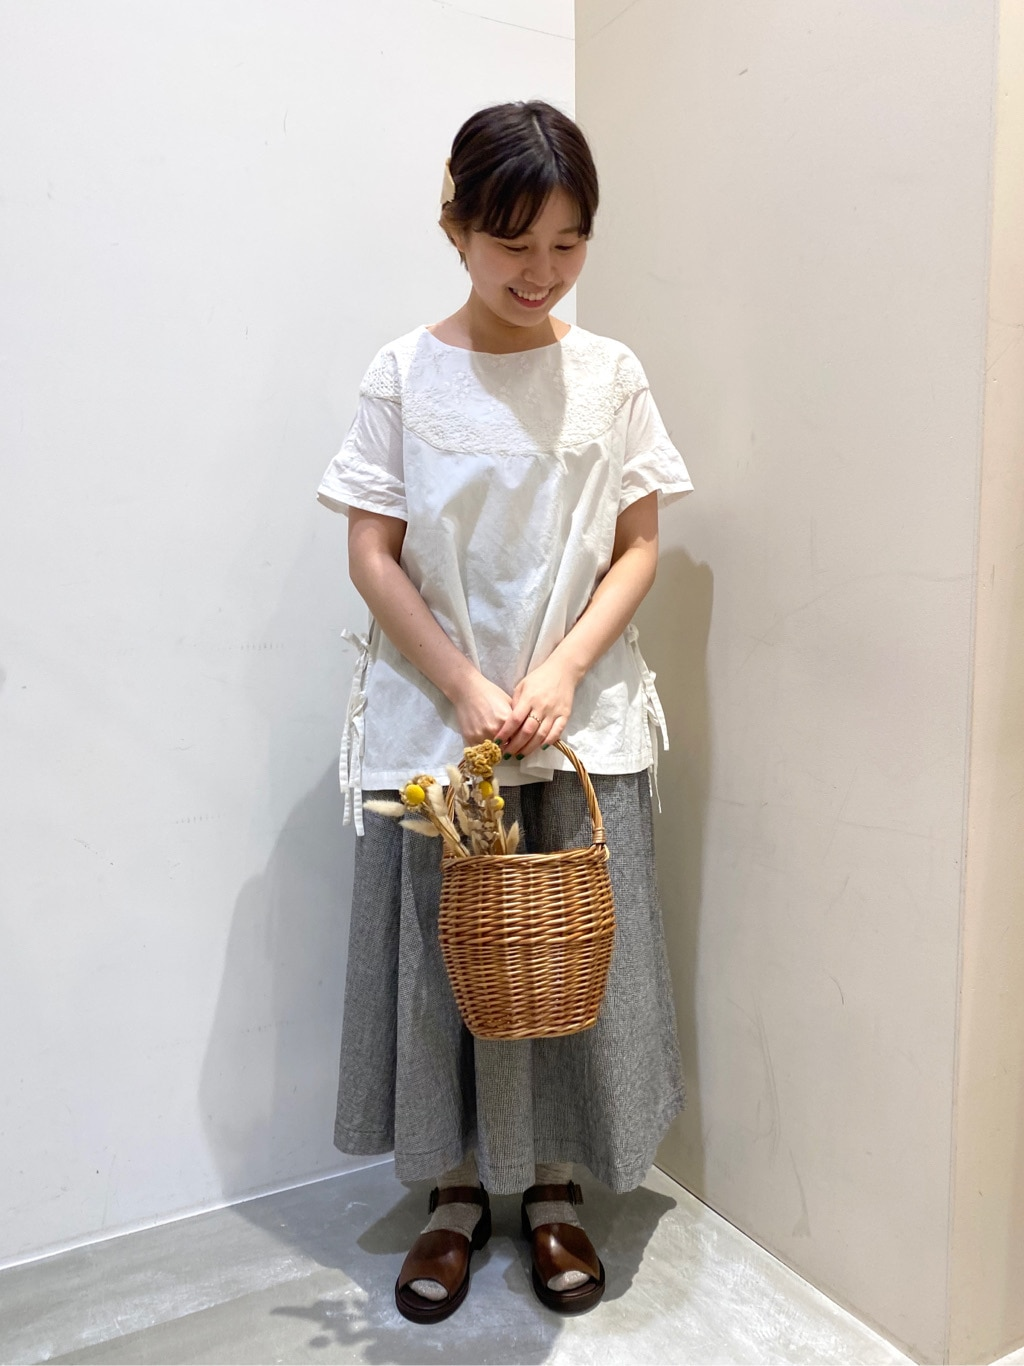 阪急西宮ガーデンズ 2021.05.20